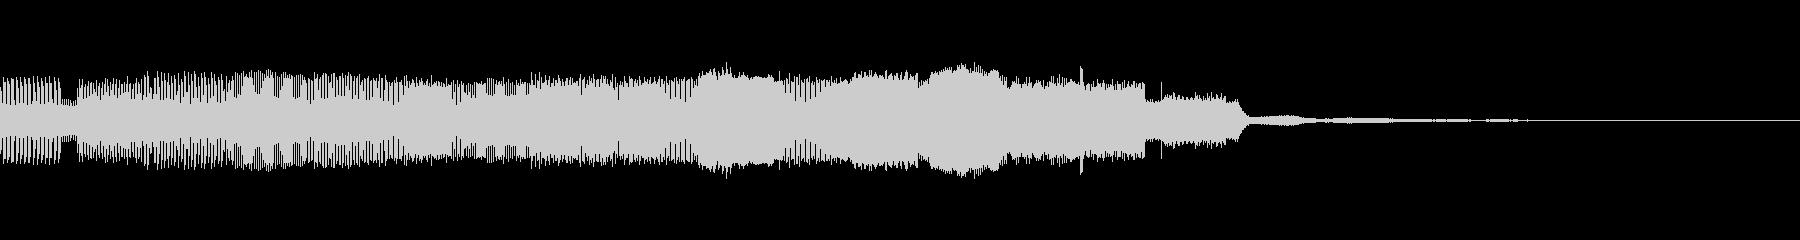 パチンコ的アイテム獲得音04(電子音)の未再生の波形